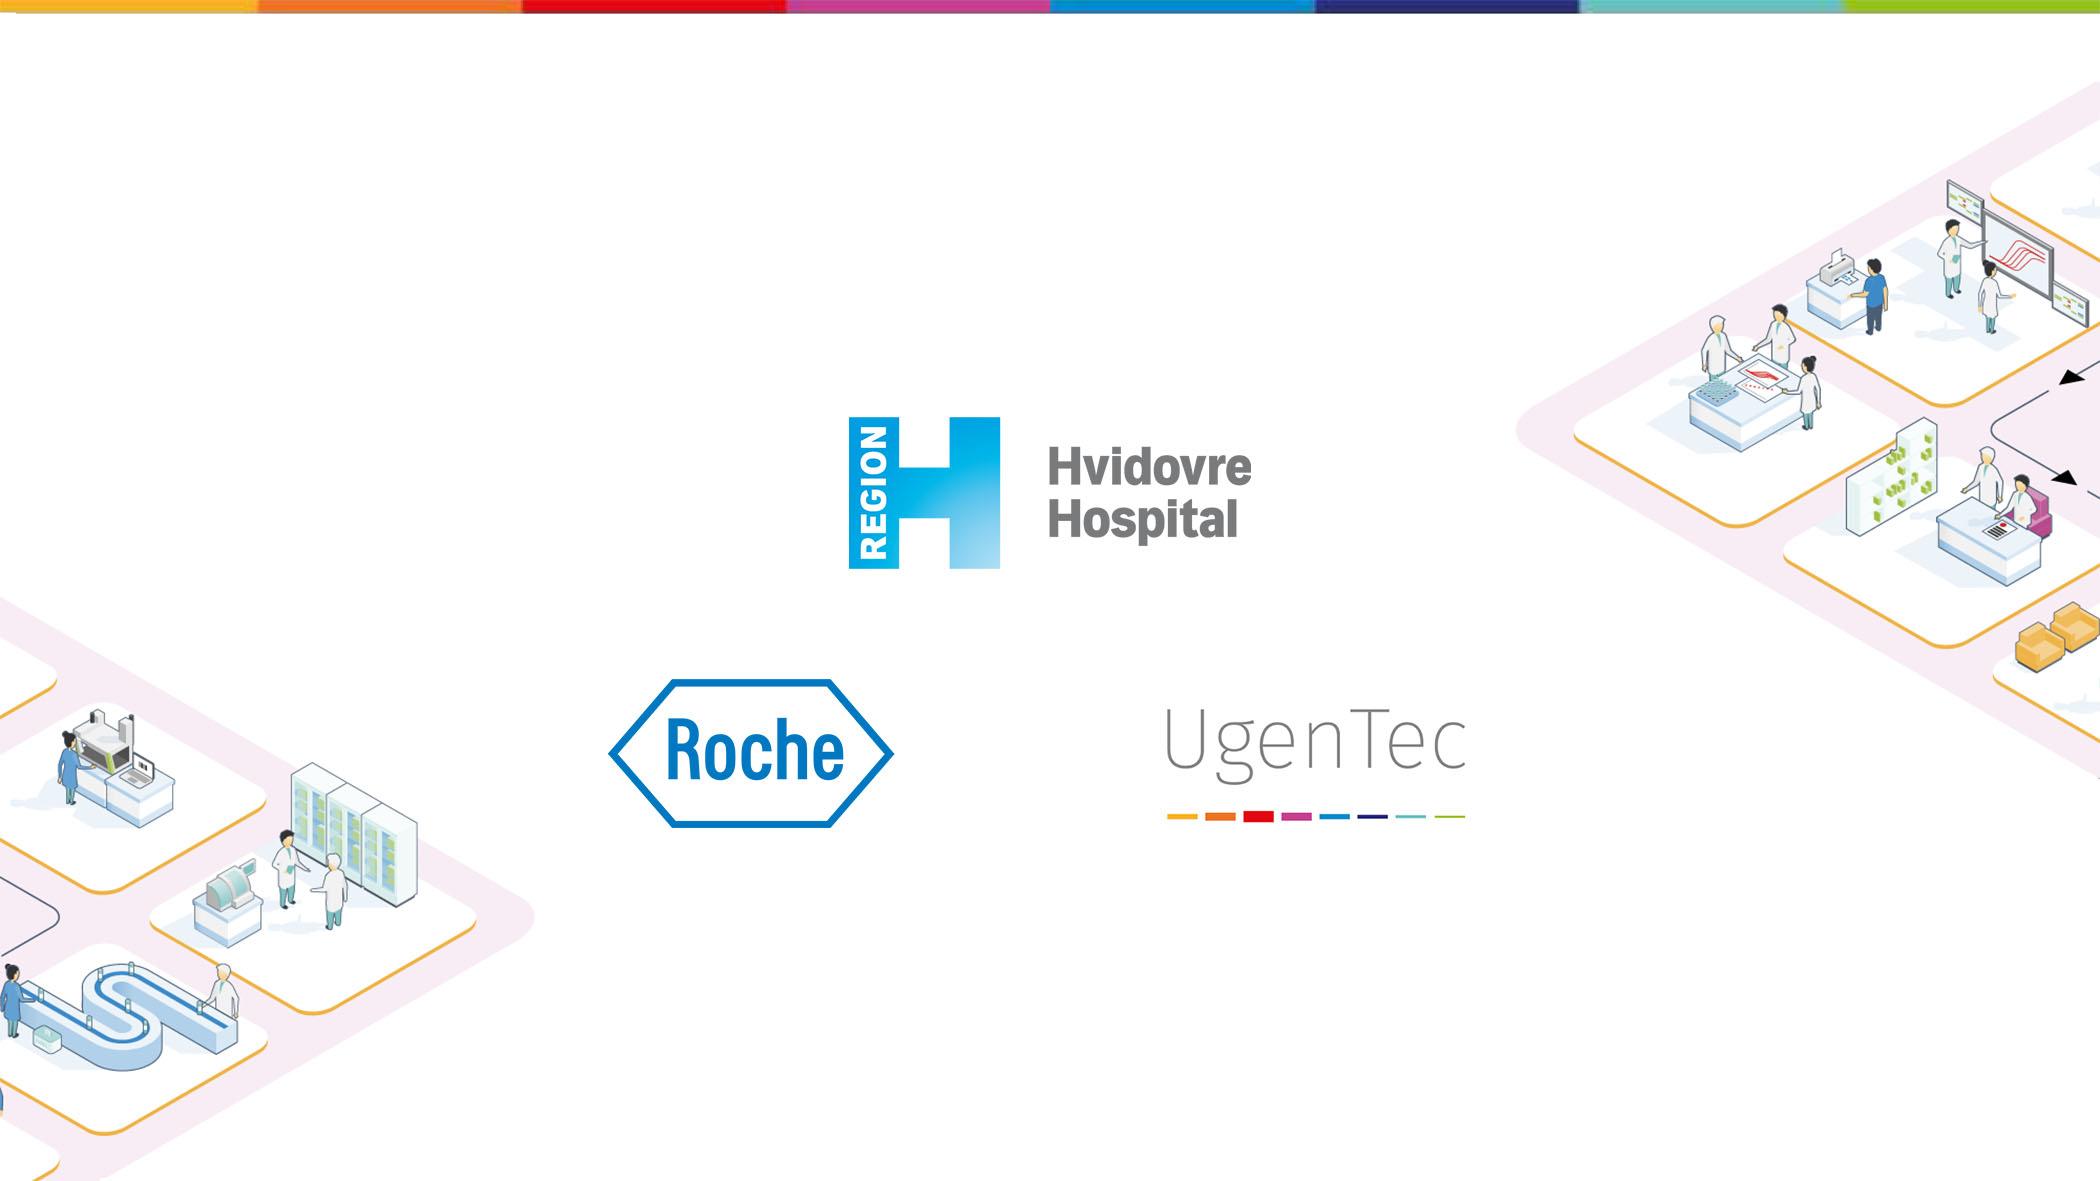 UgenTec-RocheDenmark-Hvidovre_Hospital-2021